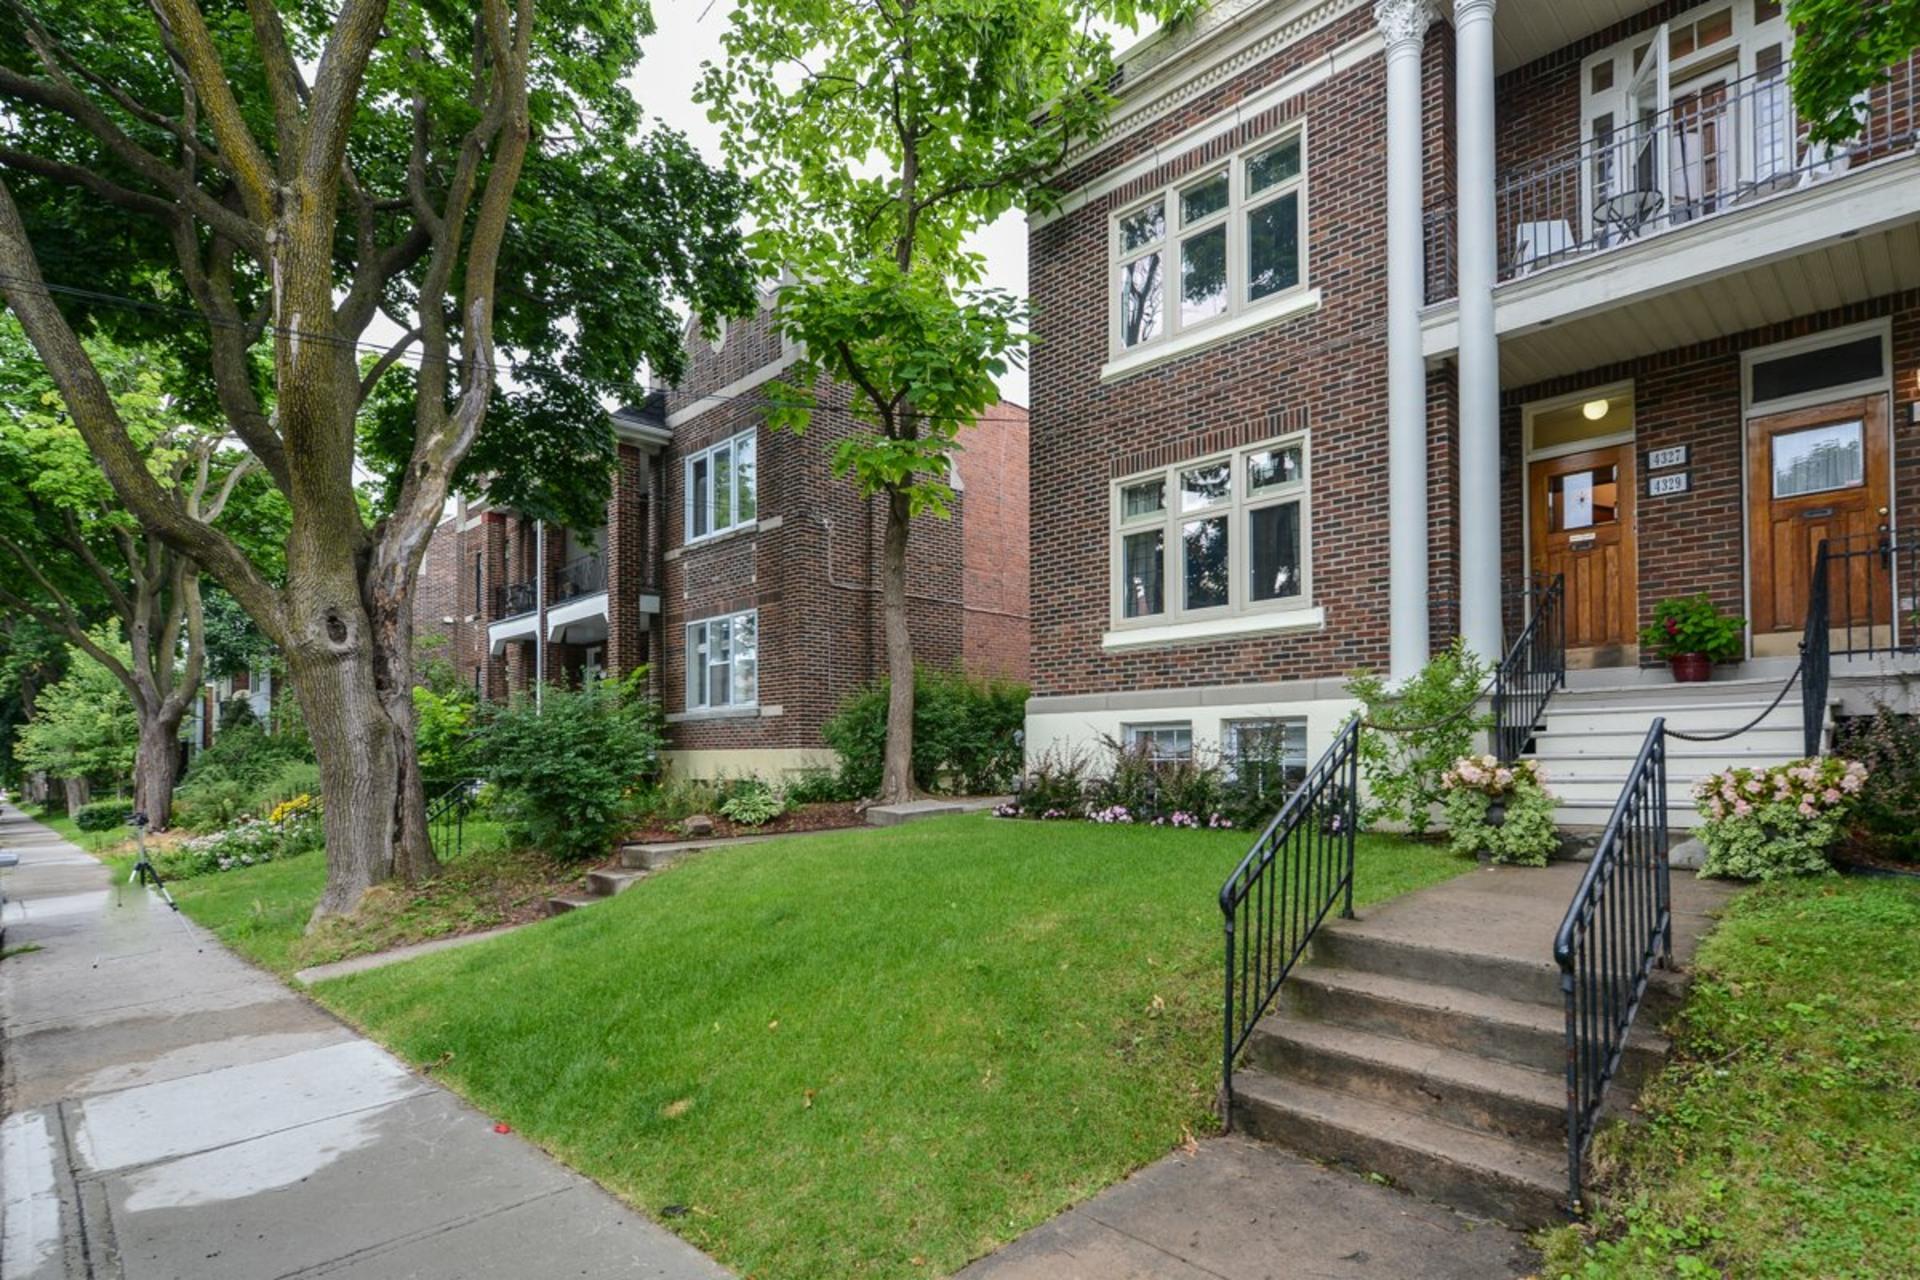 image 13 - Appartement À vendre Côte-des-Neiges/Notre-Dame-de-Grâce Montréal  - 4 pièces